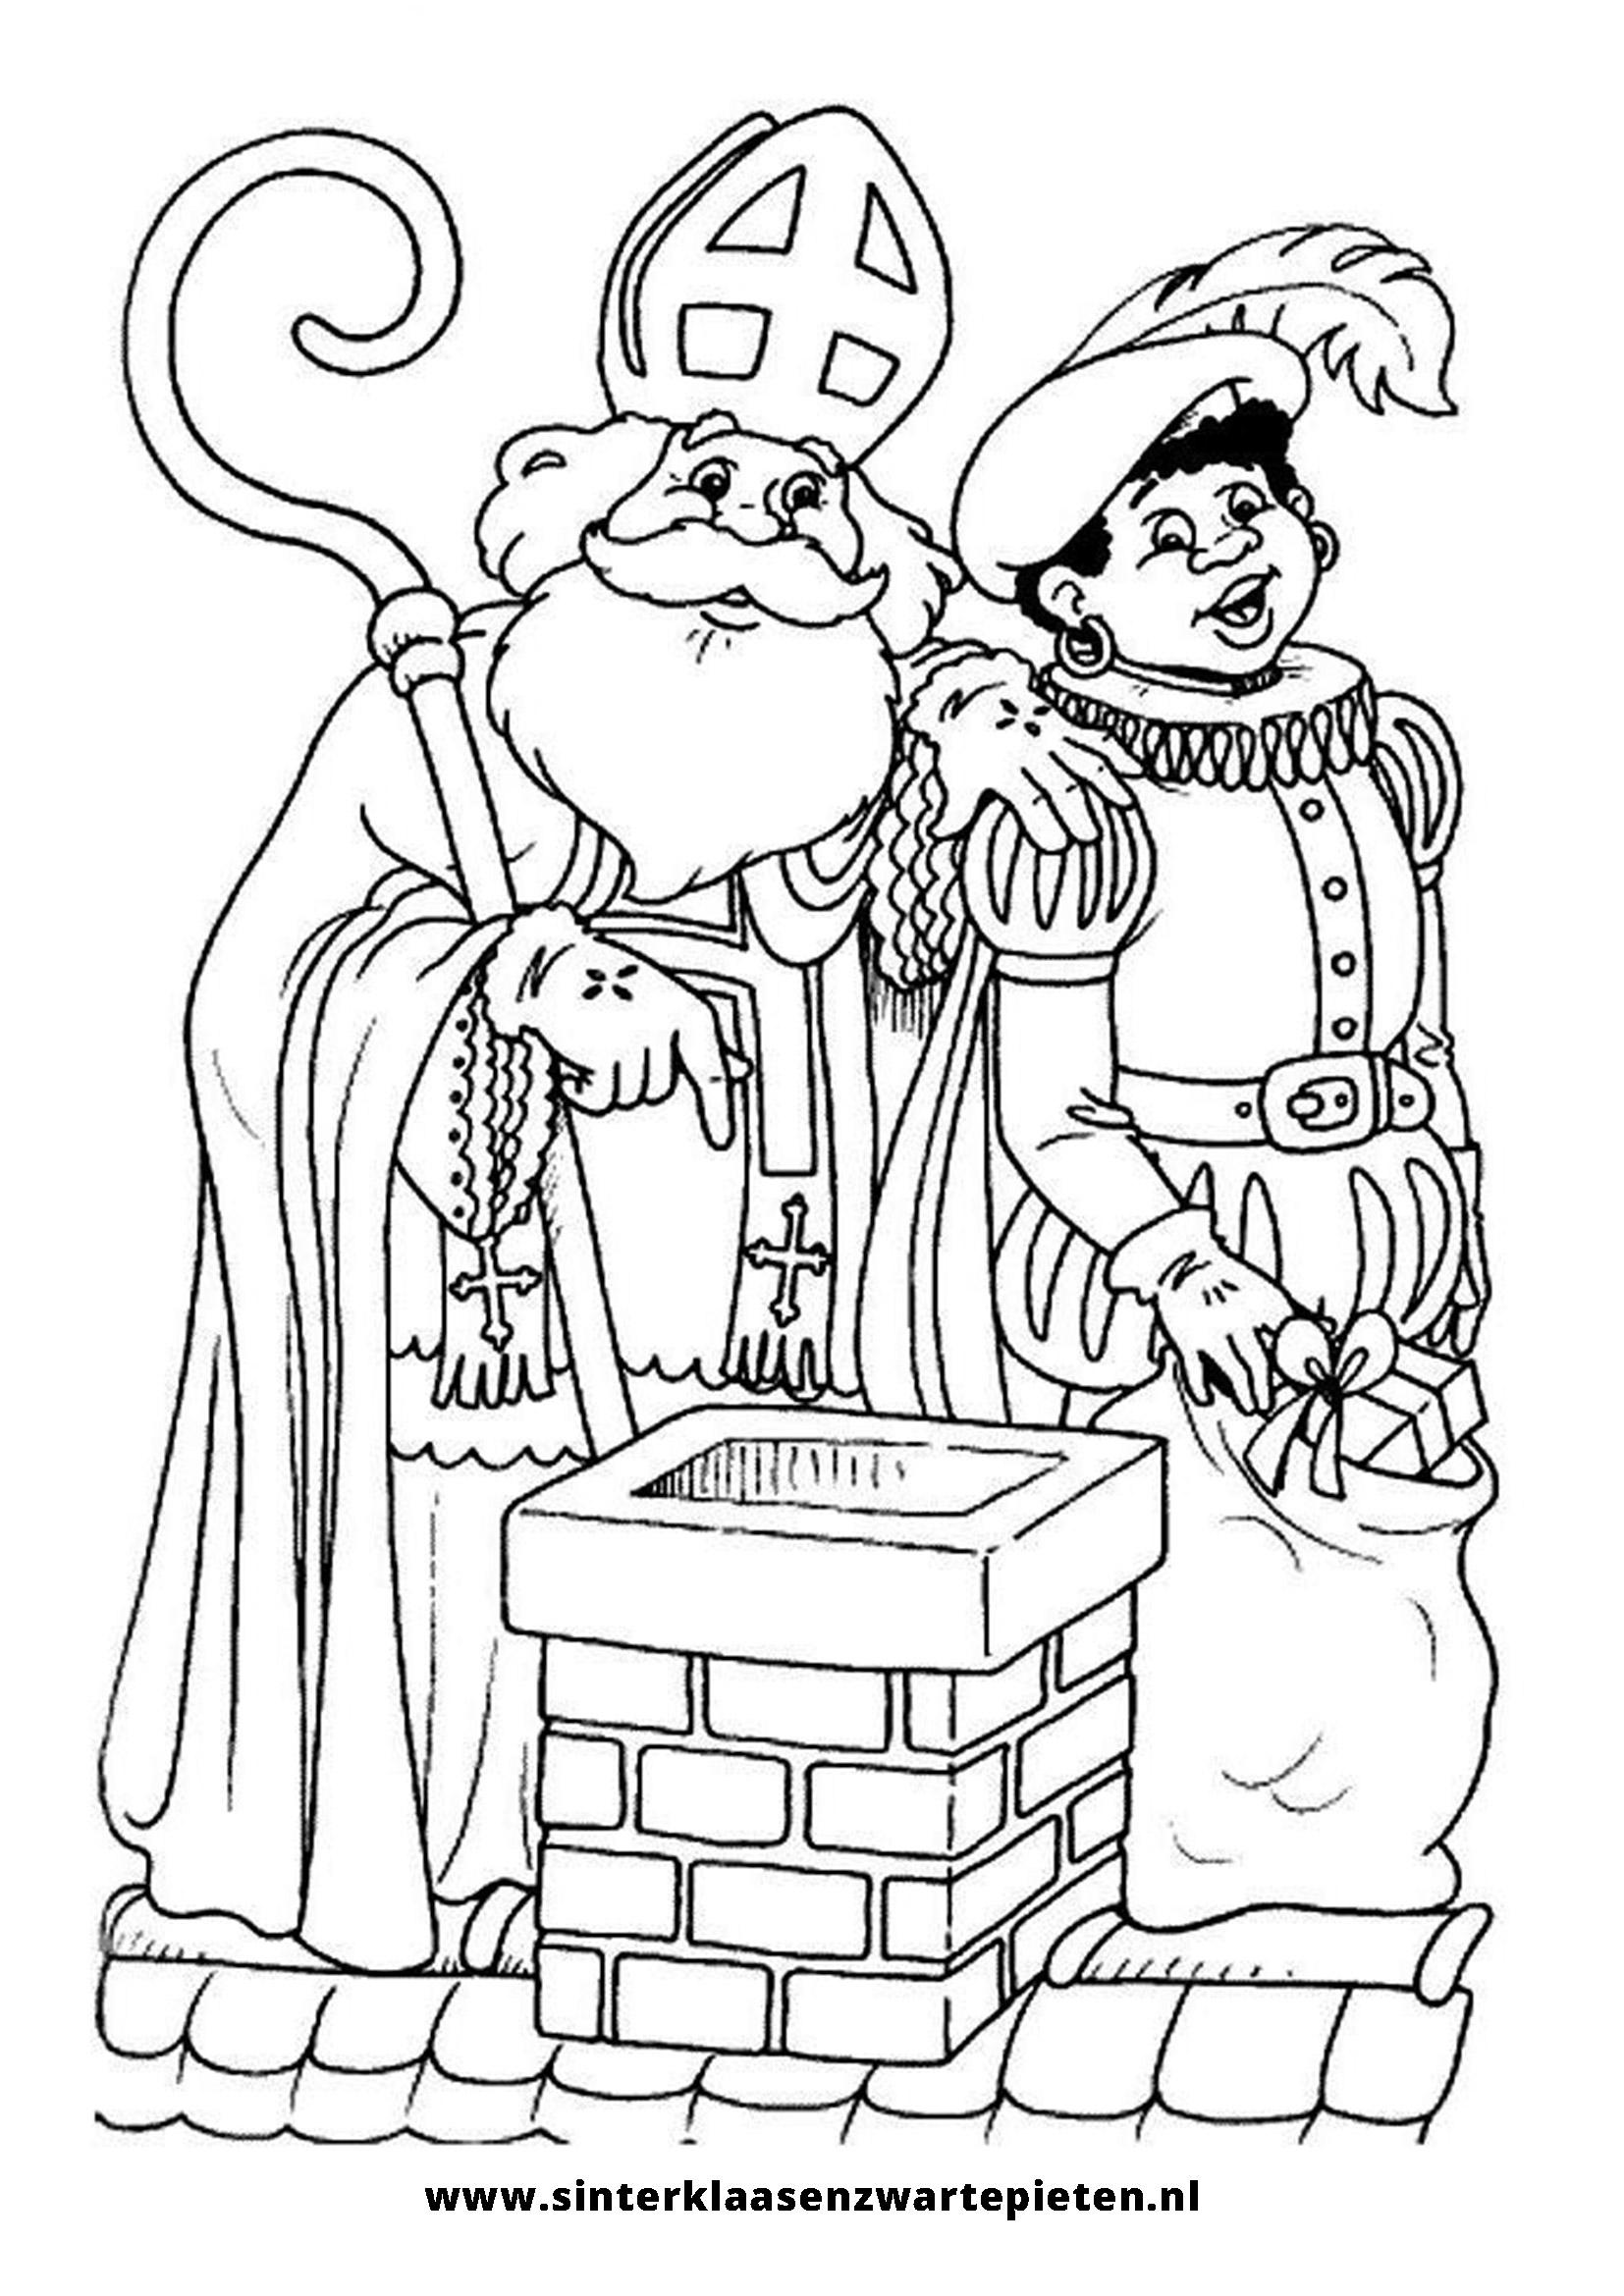 Elegant Kleurplaten Sinterklaas En Zwarte Piet